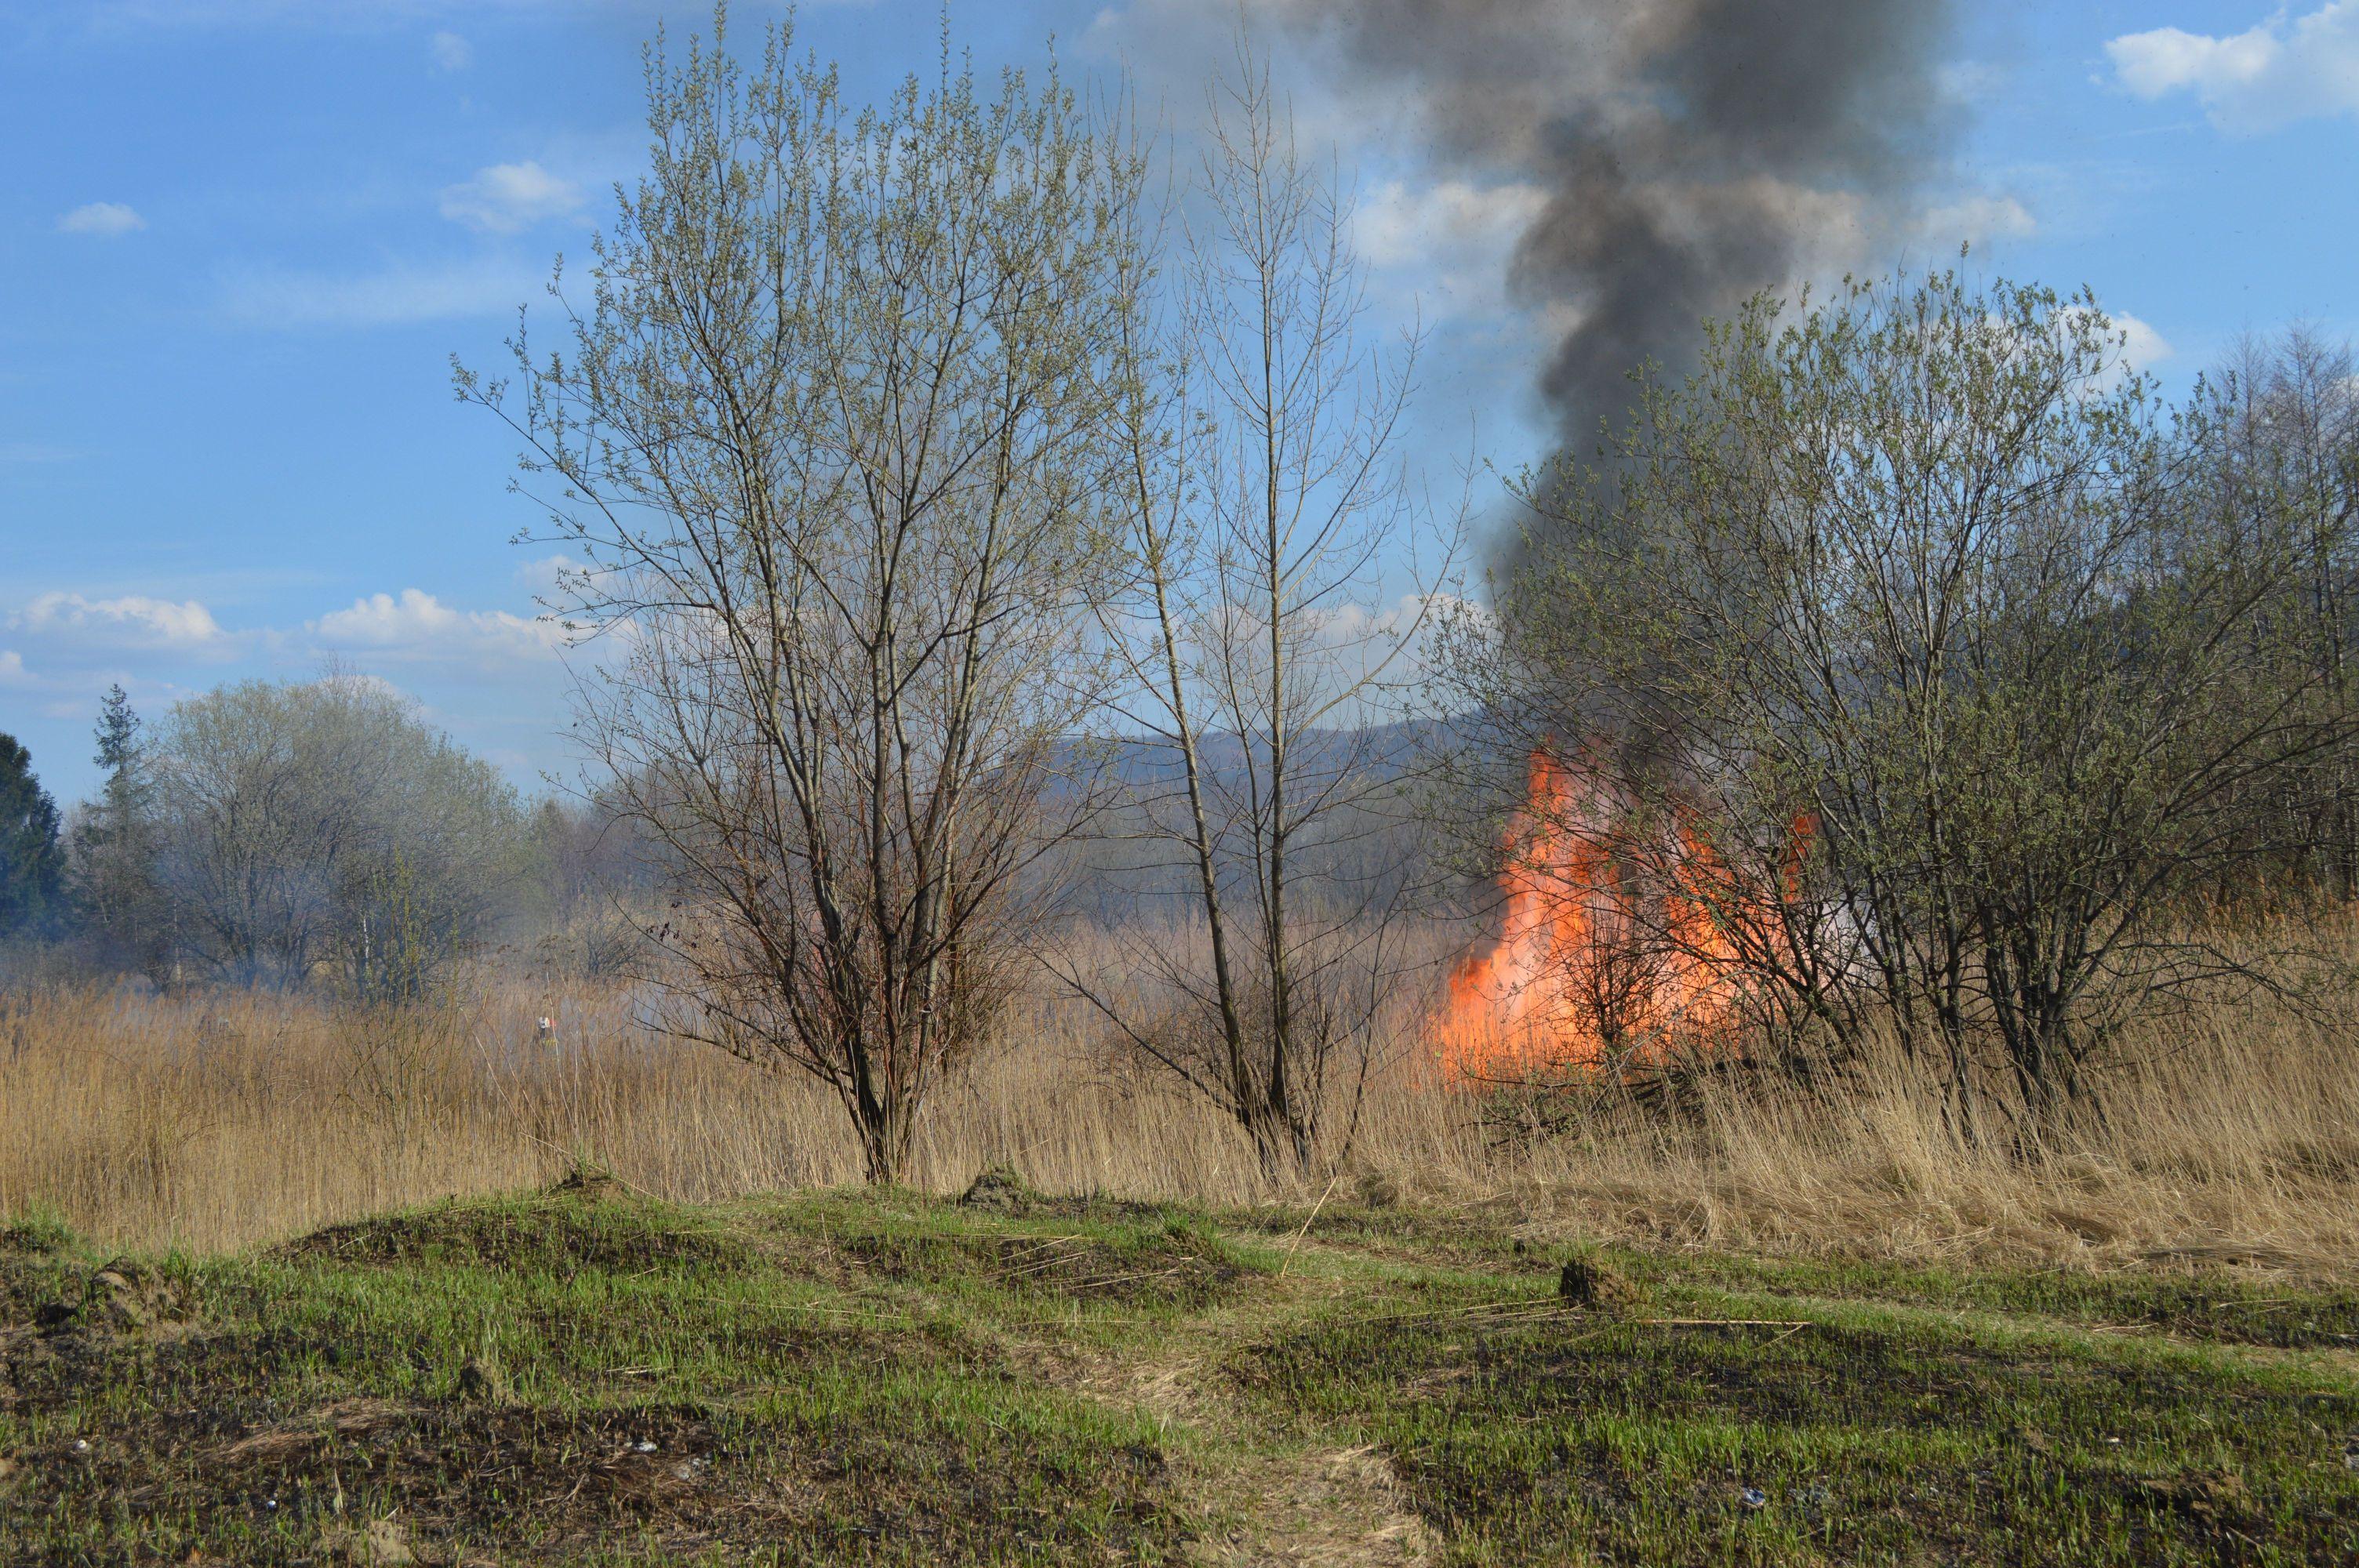 Dramatyczna statystyka pożarów - większość to podpalenia!